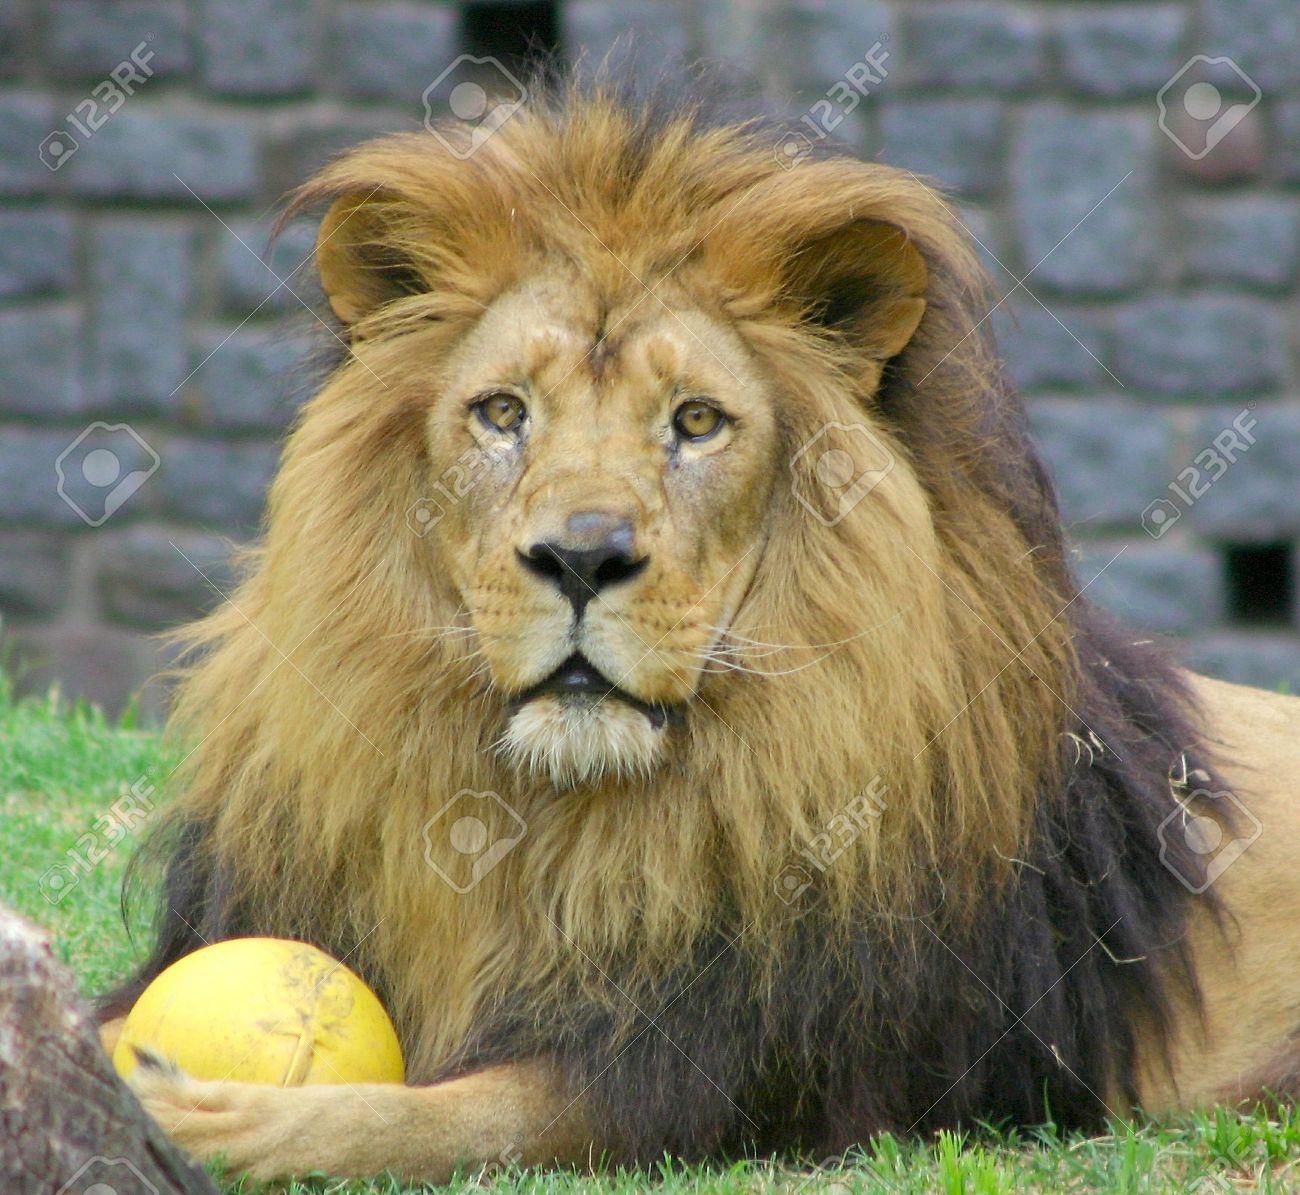 lion - 294157